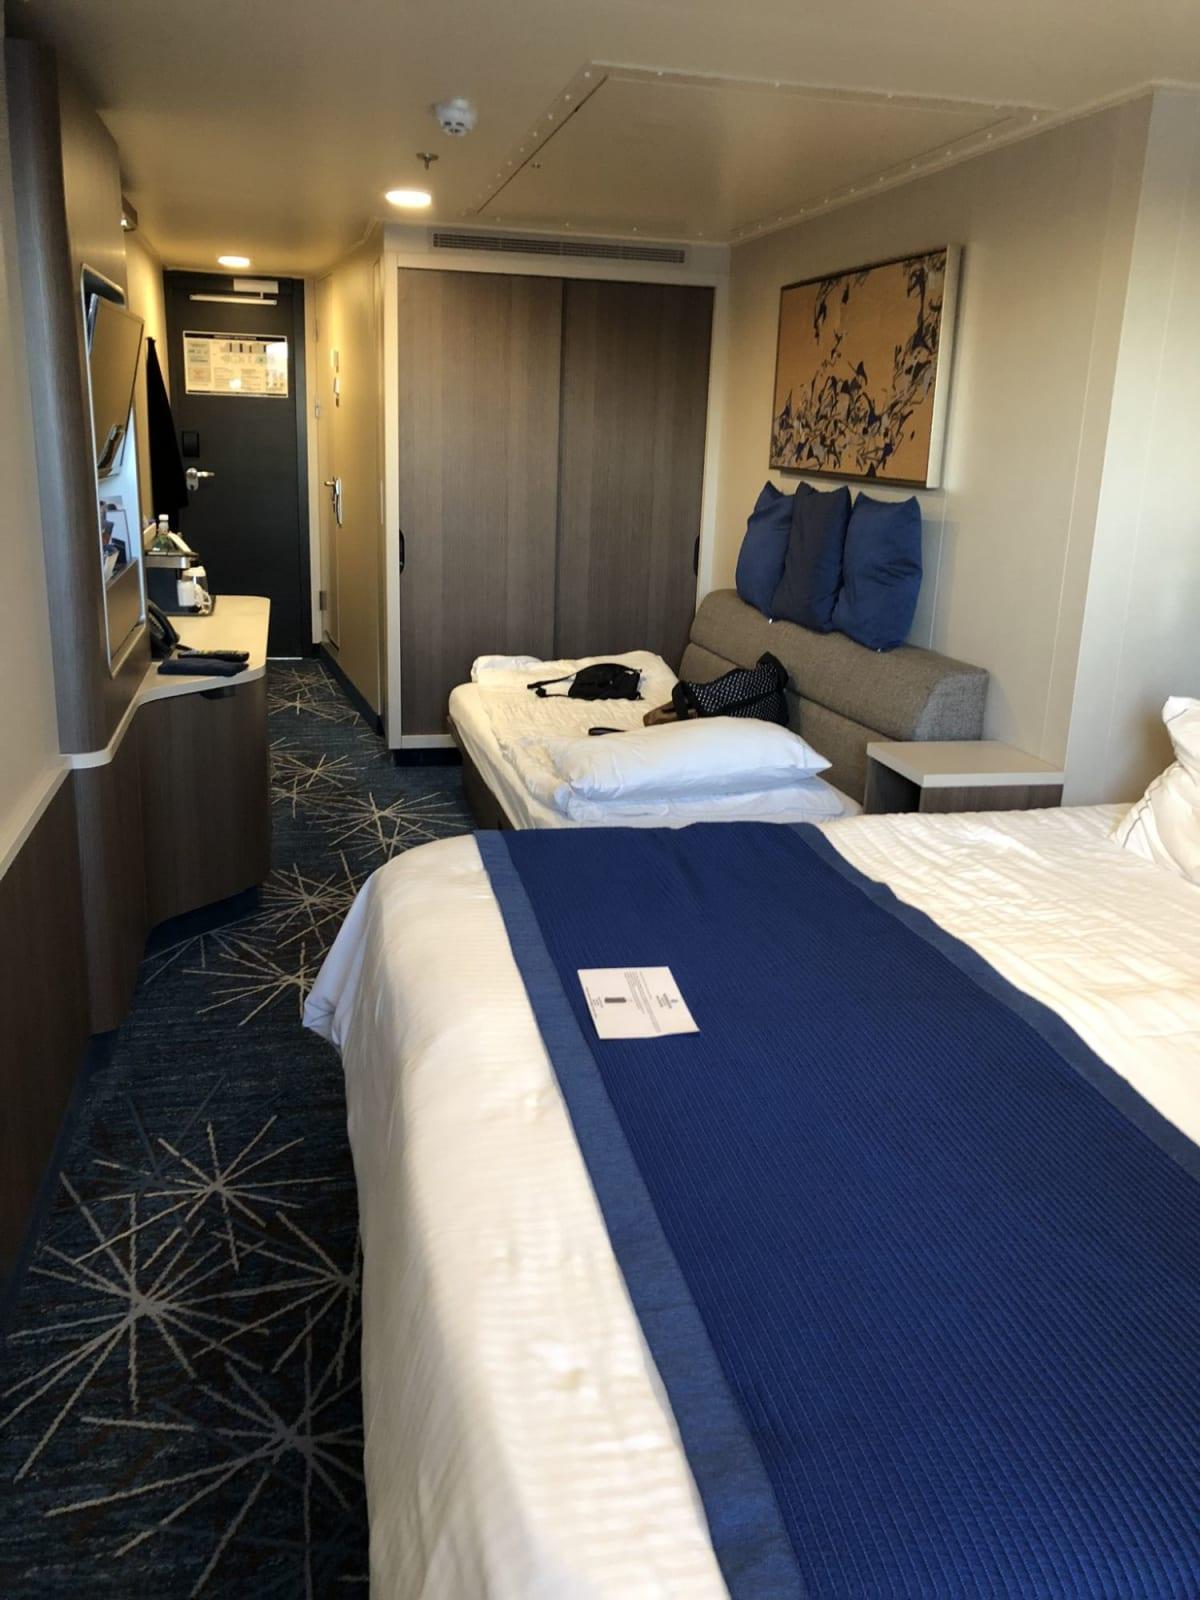 ミニスイート | 客船ノルウェージャン・ジョイの客室